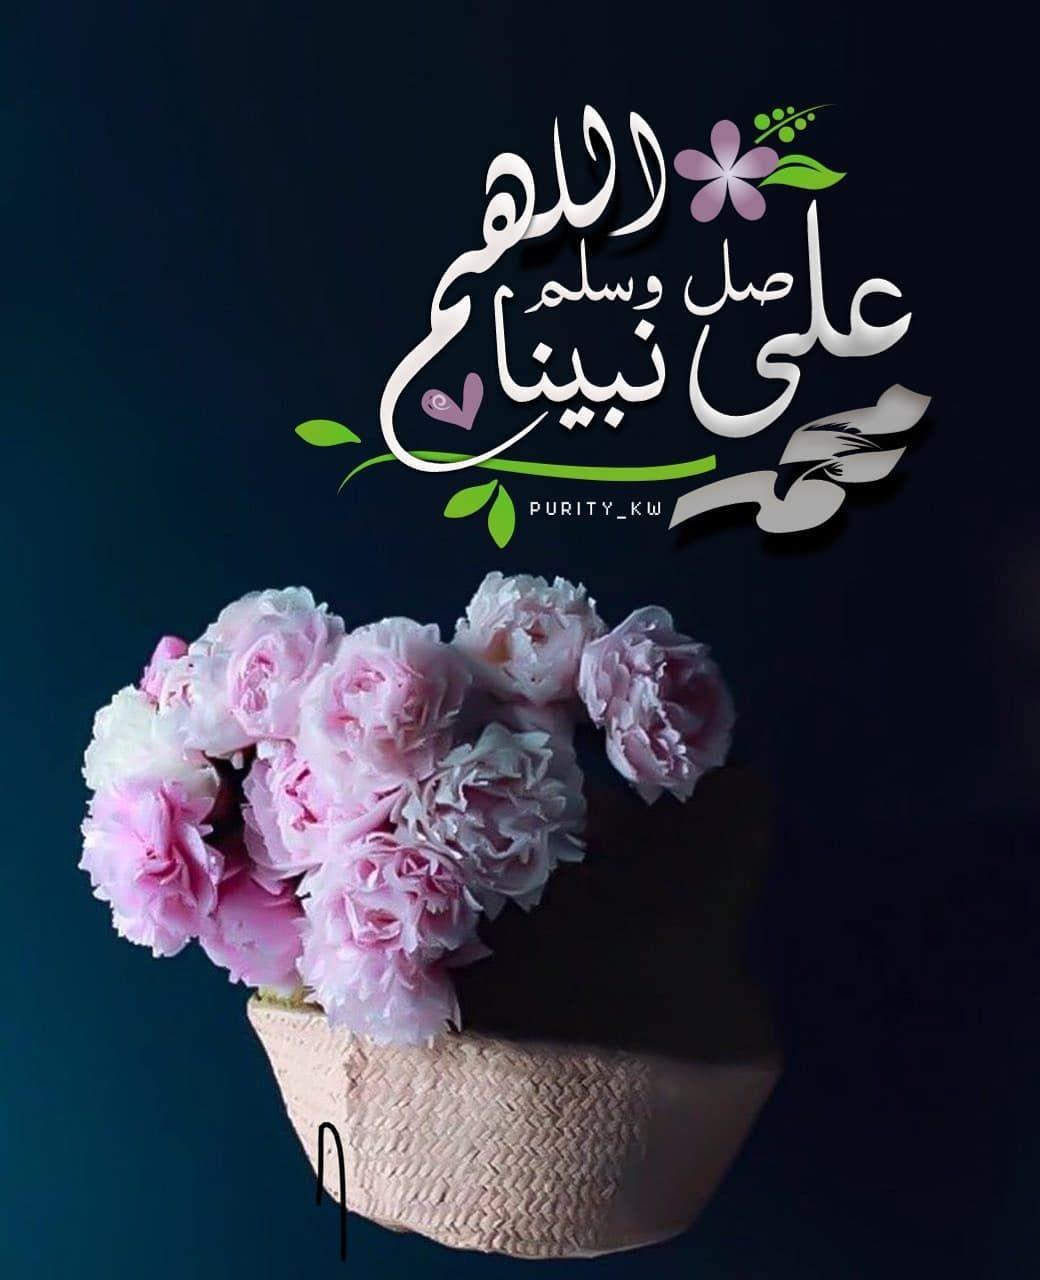 اللهم صل وسلم على نبينا وحبيبنا محمد Flower Quotes Islamic Images Islamic Love Quotes